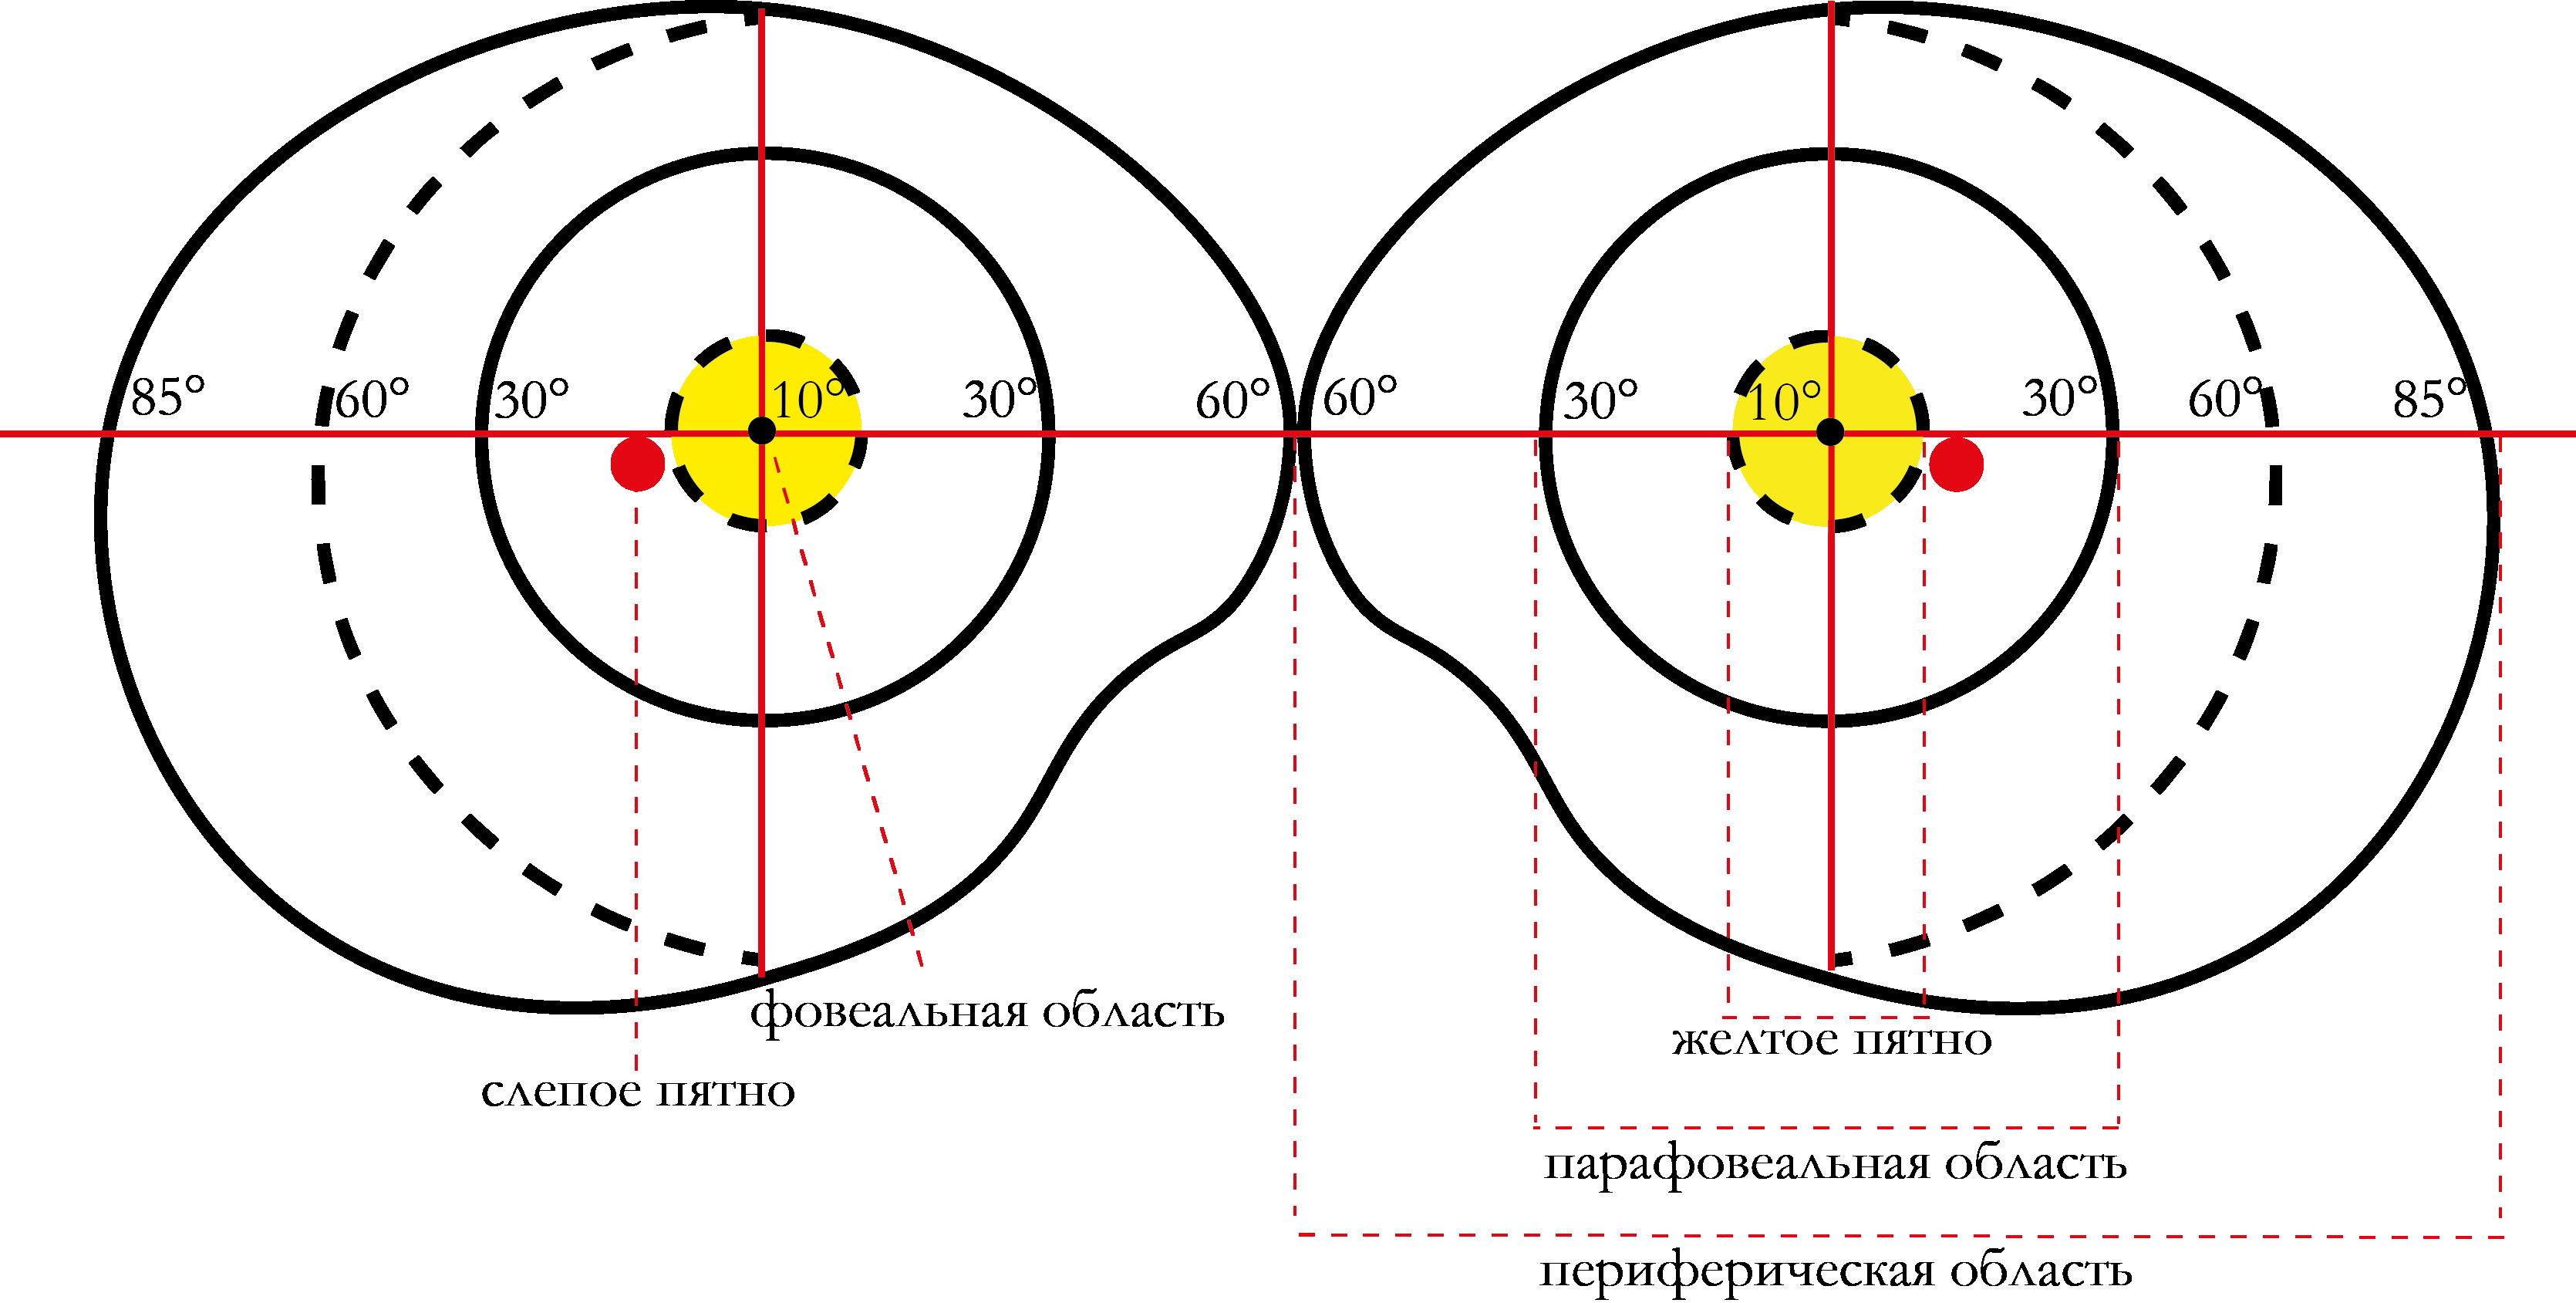 Схематическое изображение полей зрения